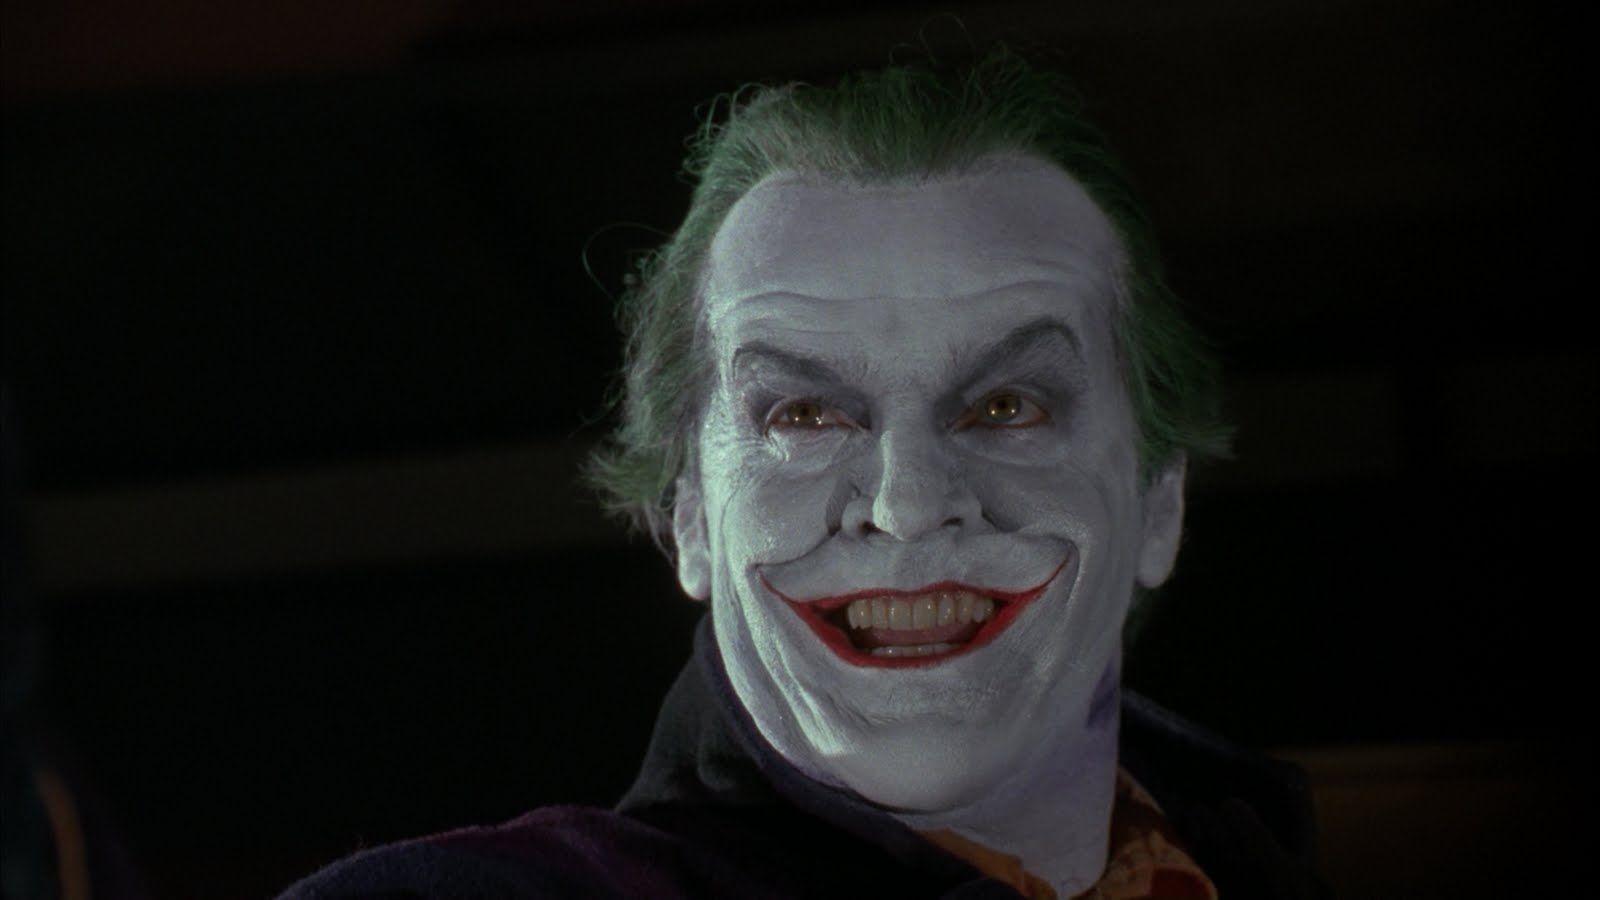 Rumor: Leaked 'Joker' plot details reveal the mad clown's true name screenshot